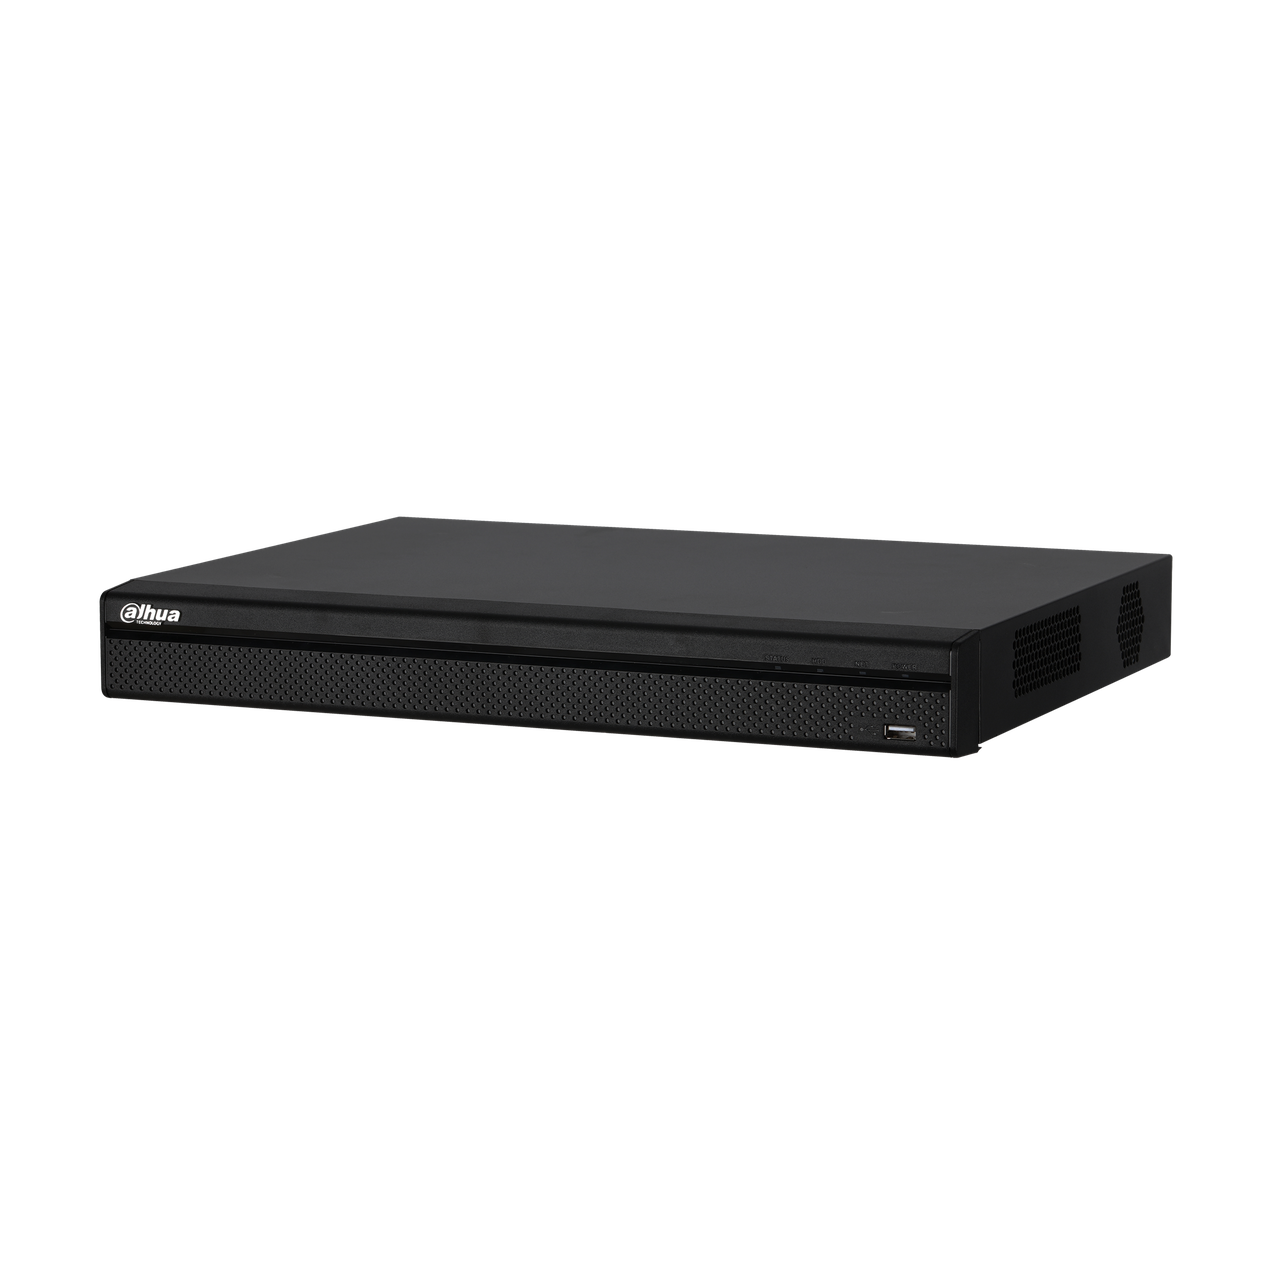 Видеорегистратор XVR4116HS-S2